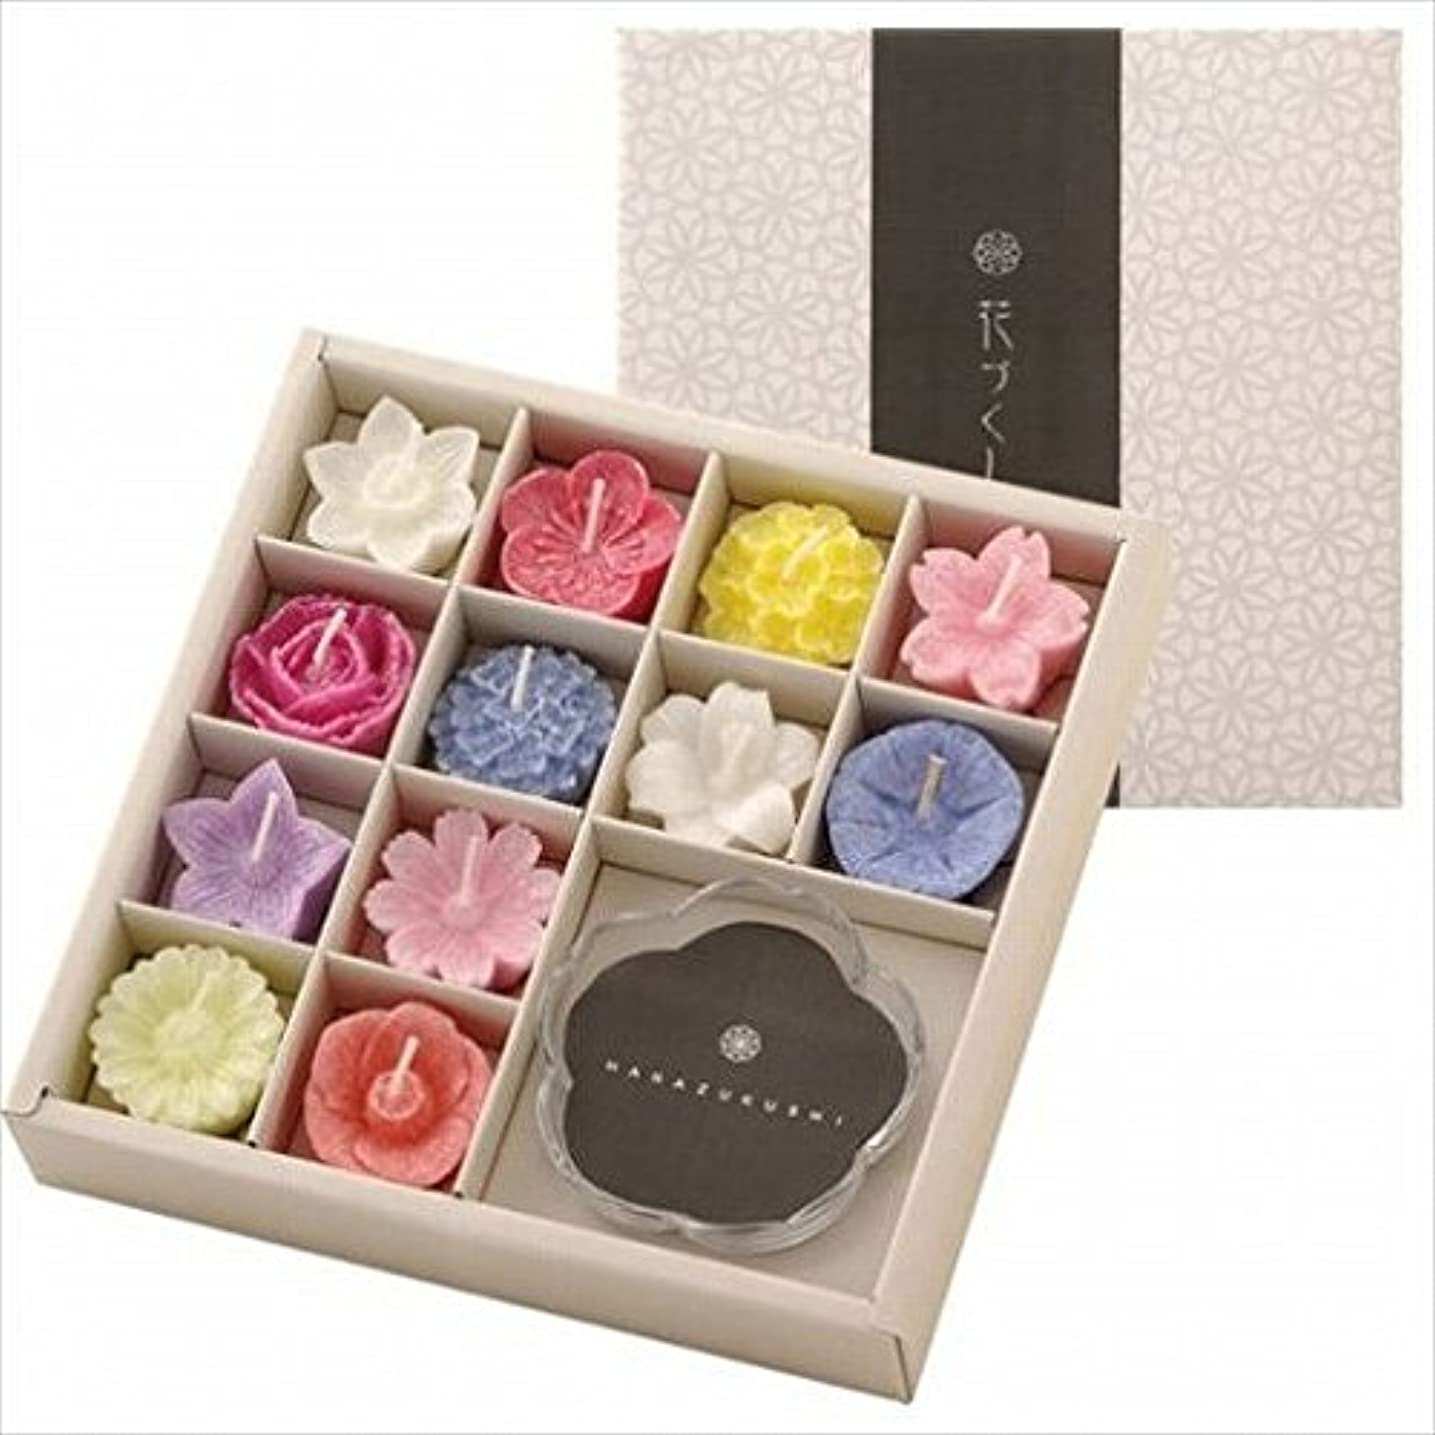 ミス符号確かにkameyama candle(カメヤマキャンドル) 花づくしギフトセット(植物性) キャンドル(96200700)